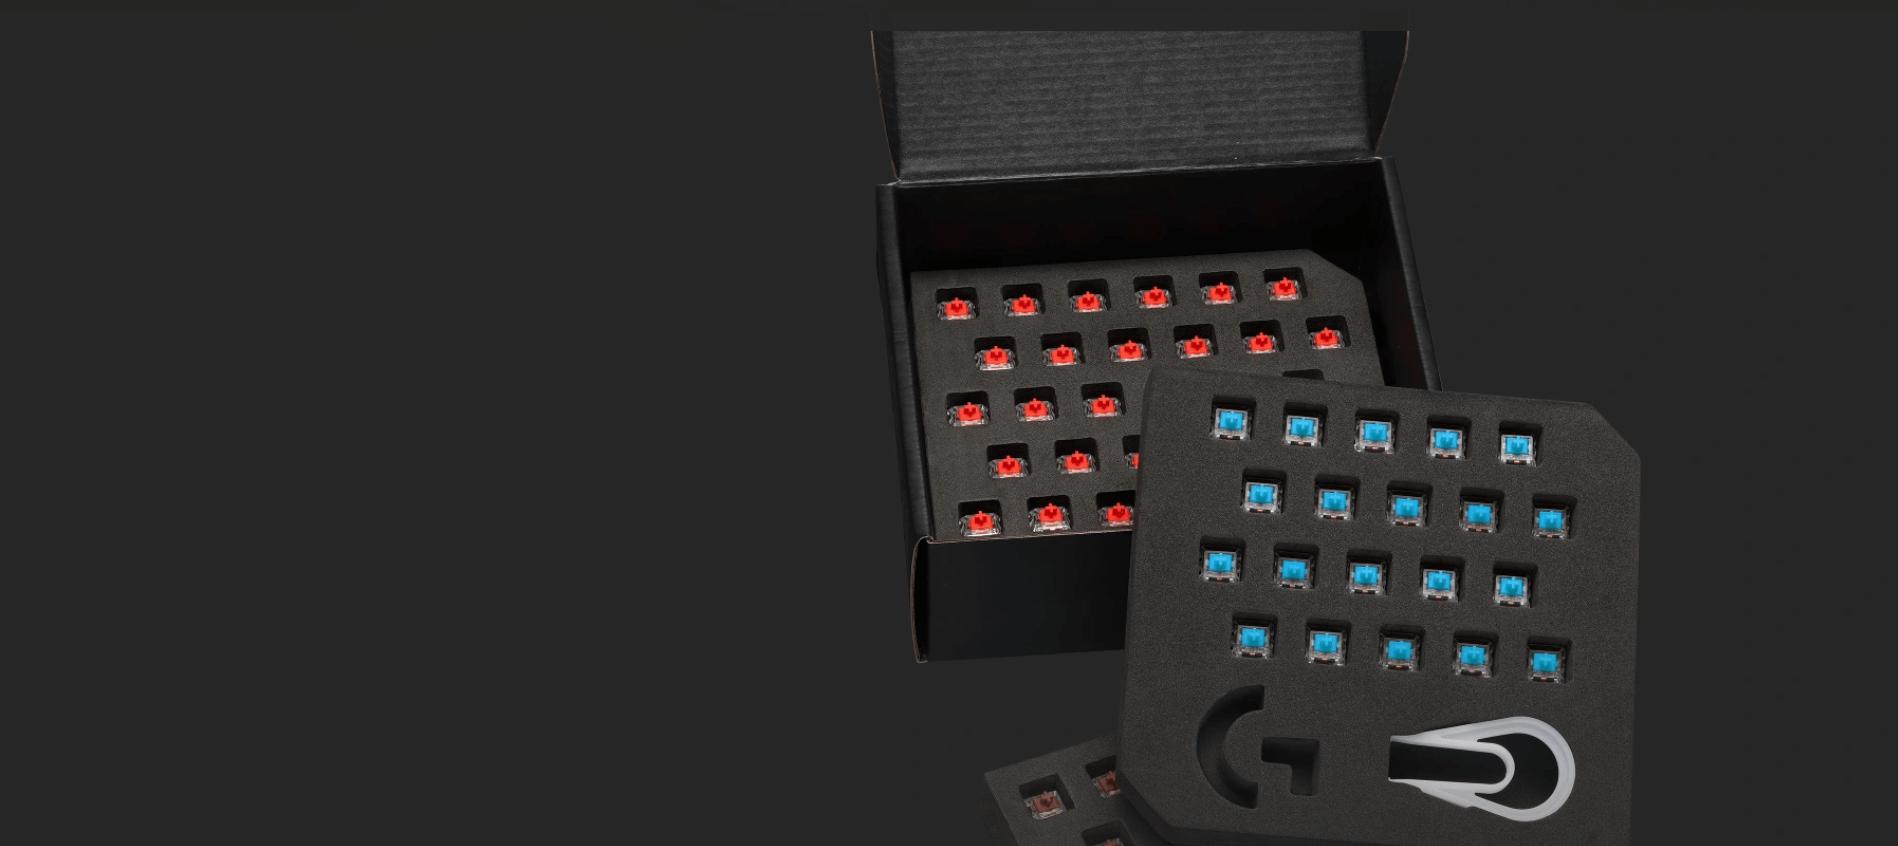 Bộ switch cho G Pro X Keyboard - GX Brown Tactile RGB switch (943-000326) đi kèm hộp lưu trữ switch